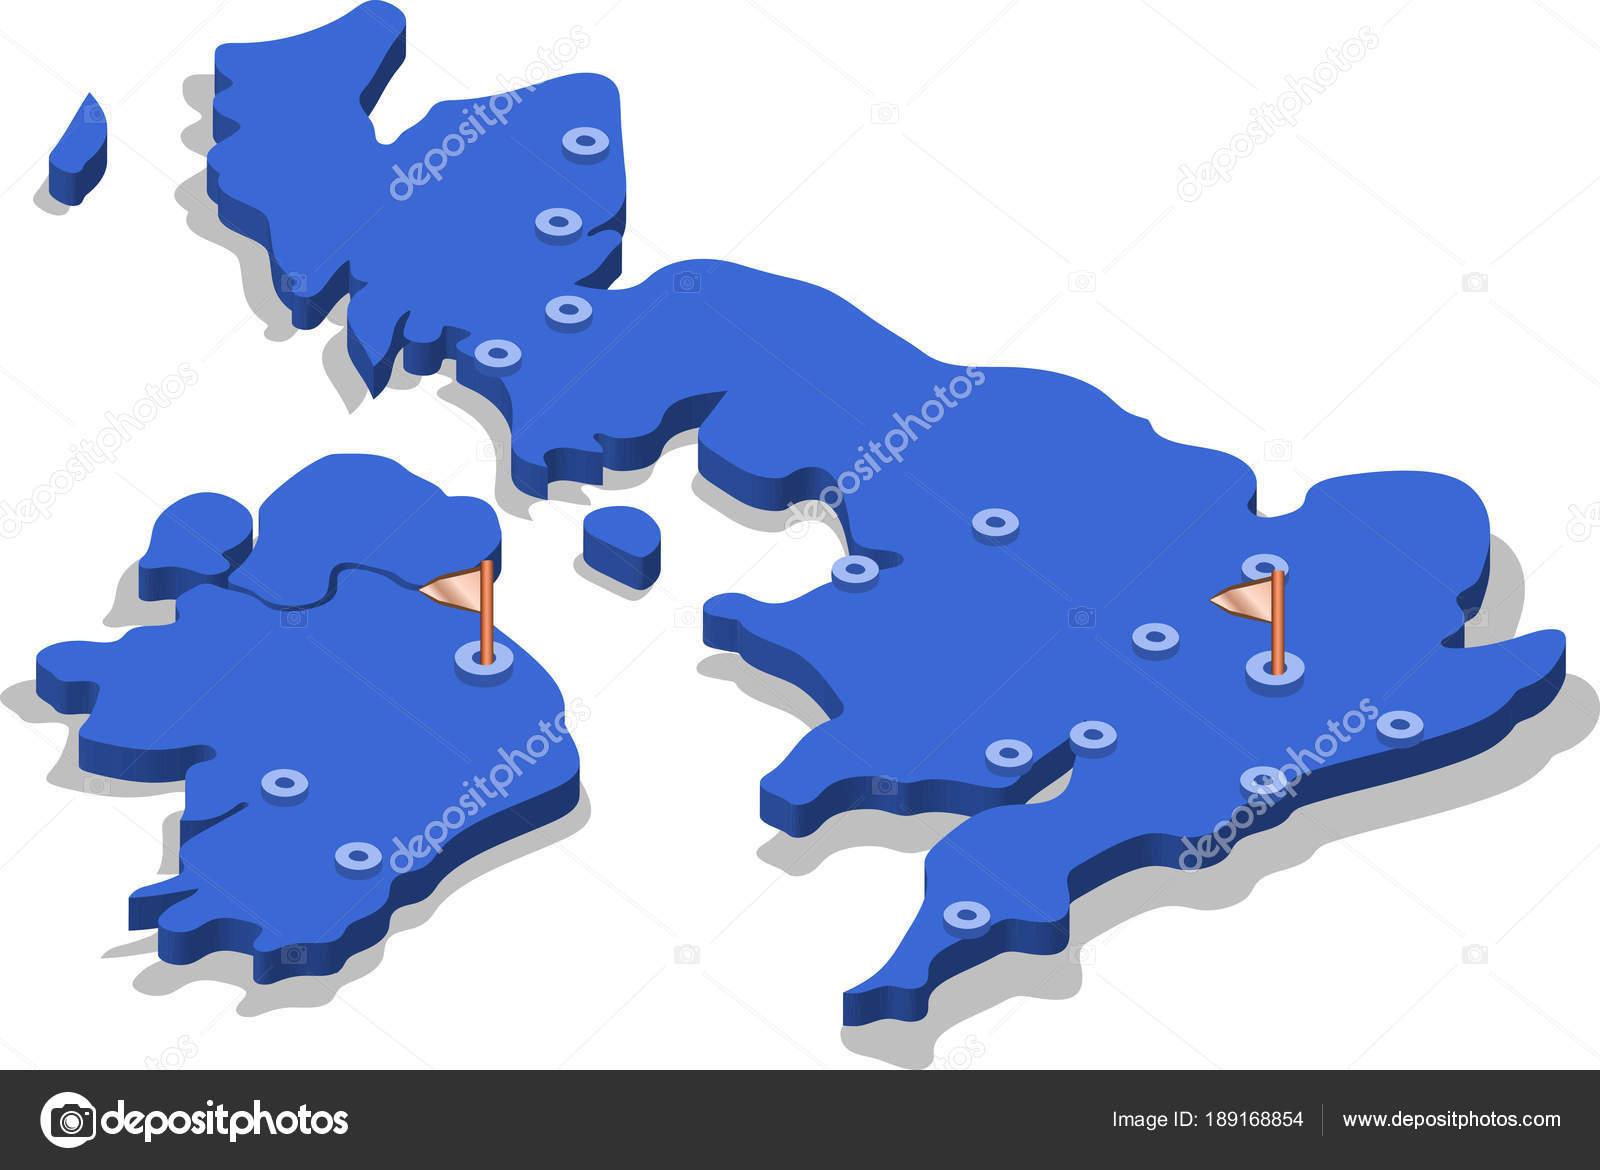 england karta städer Isometrisk Karta Över England Med Blå Yta Och Städer Isolerade  england karta städer